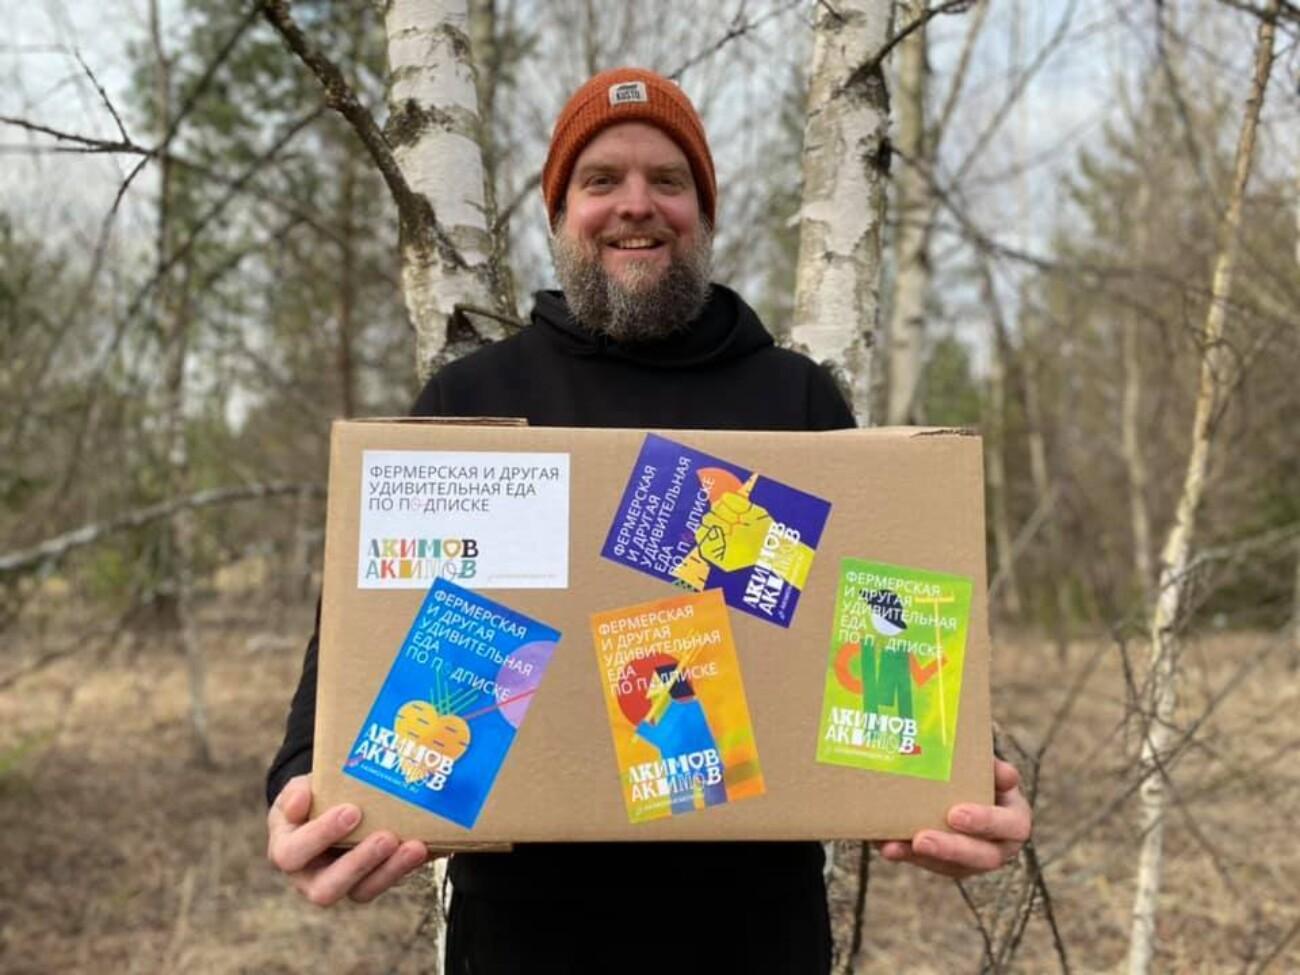 Сооснователь LavkaLavka Борис Акимов запустил новый проект — подписку на коробки с фермерскими продуктами